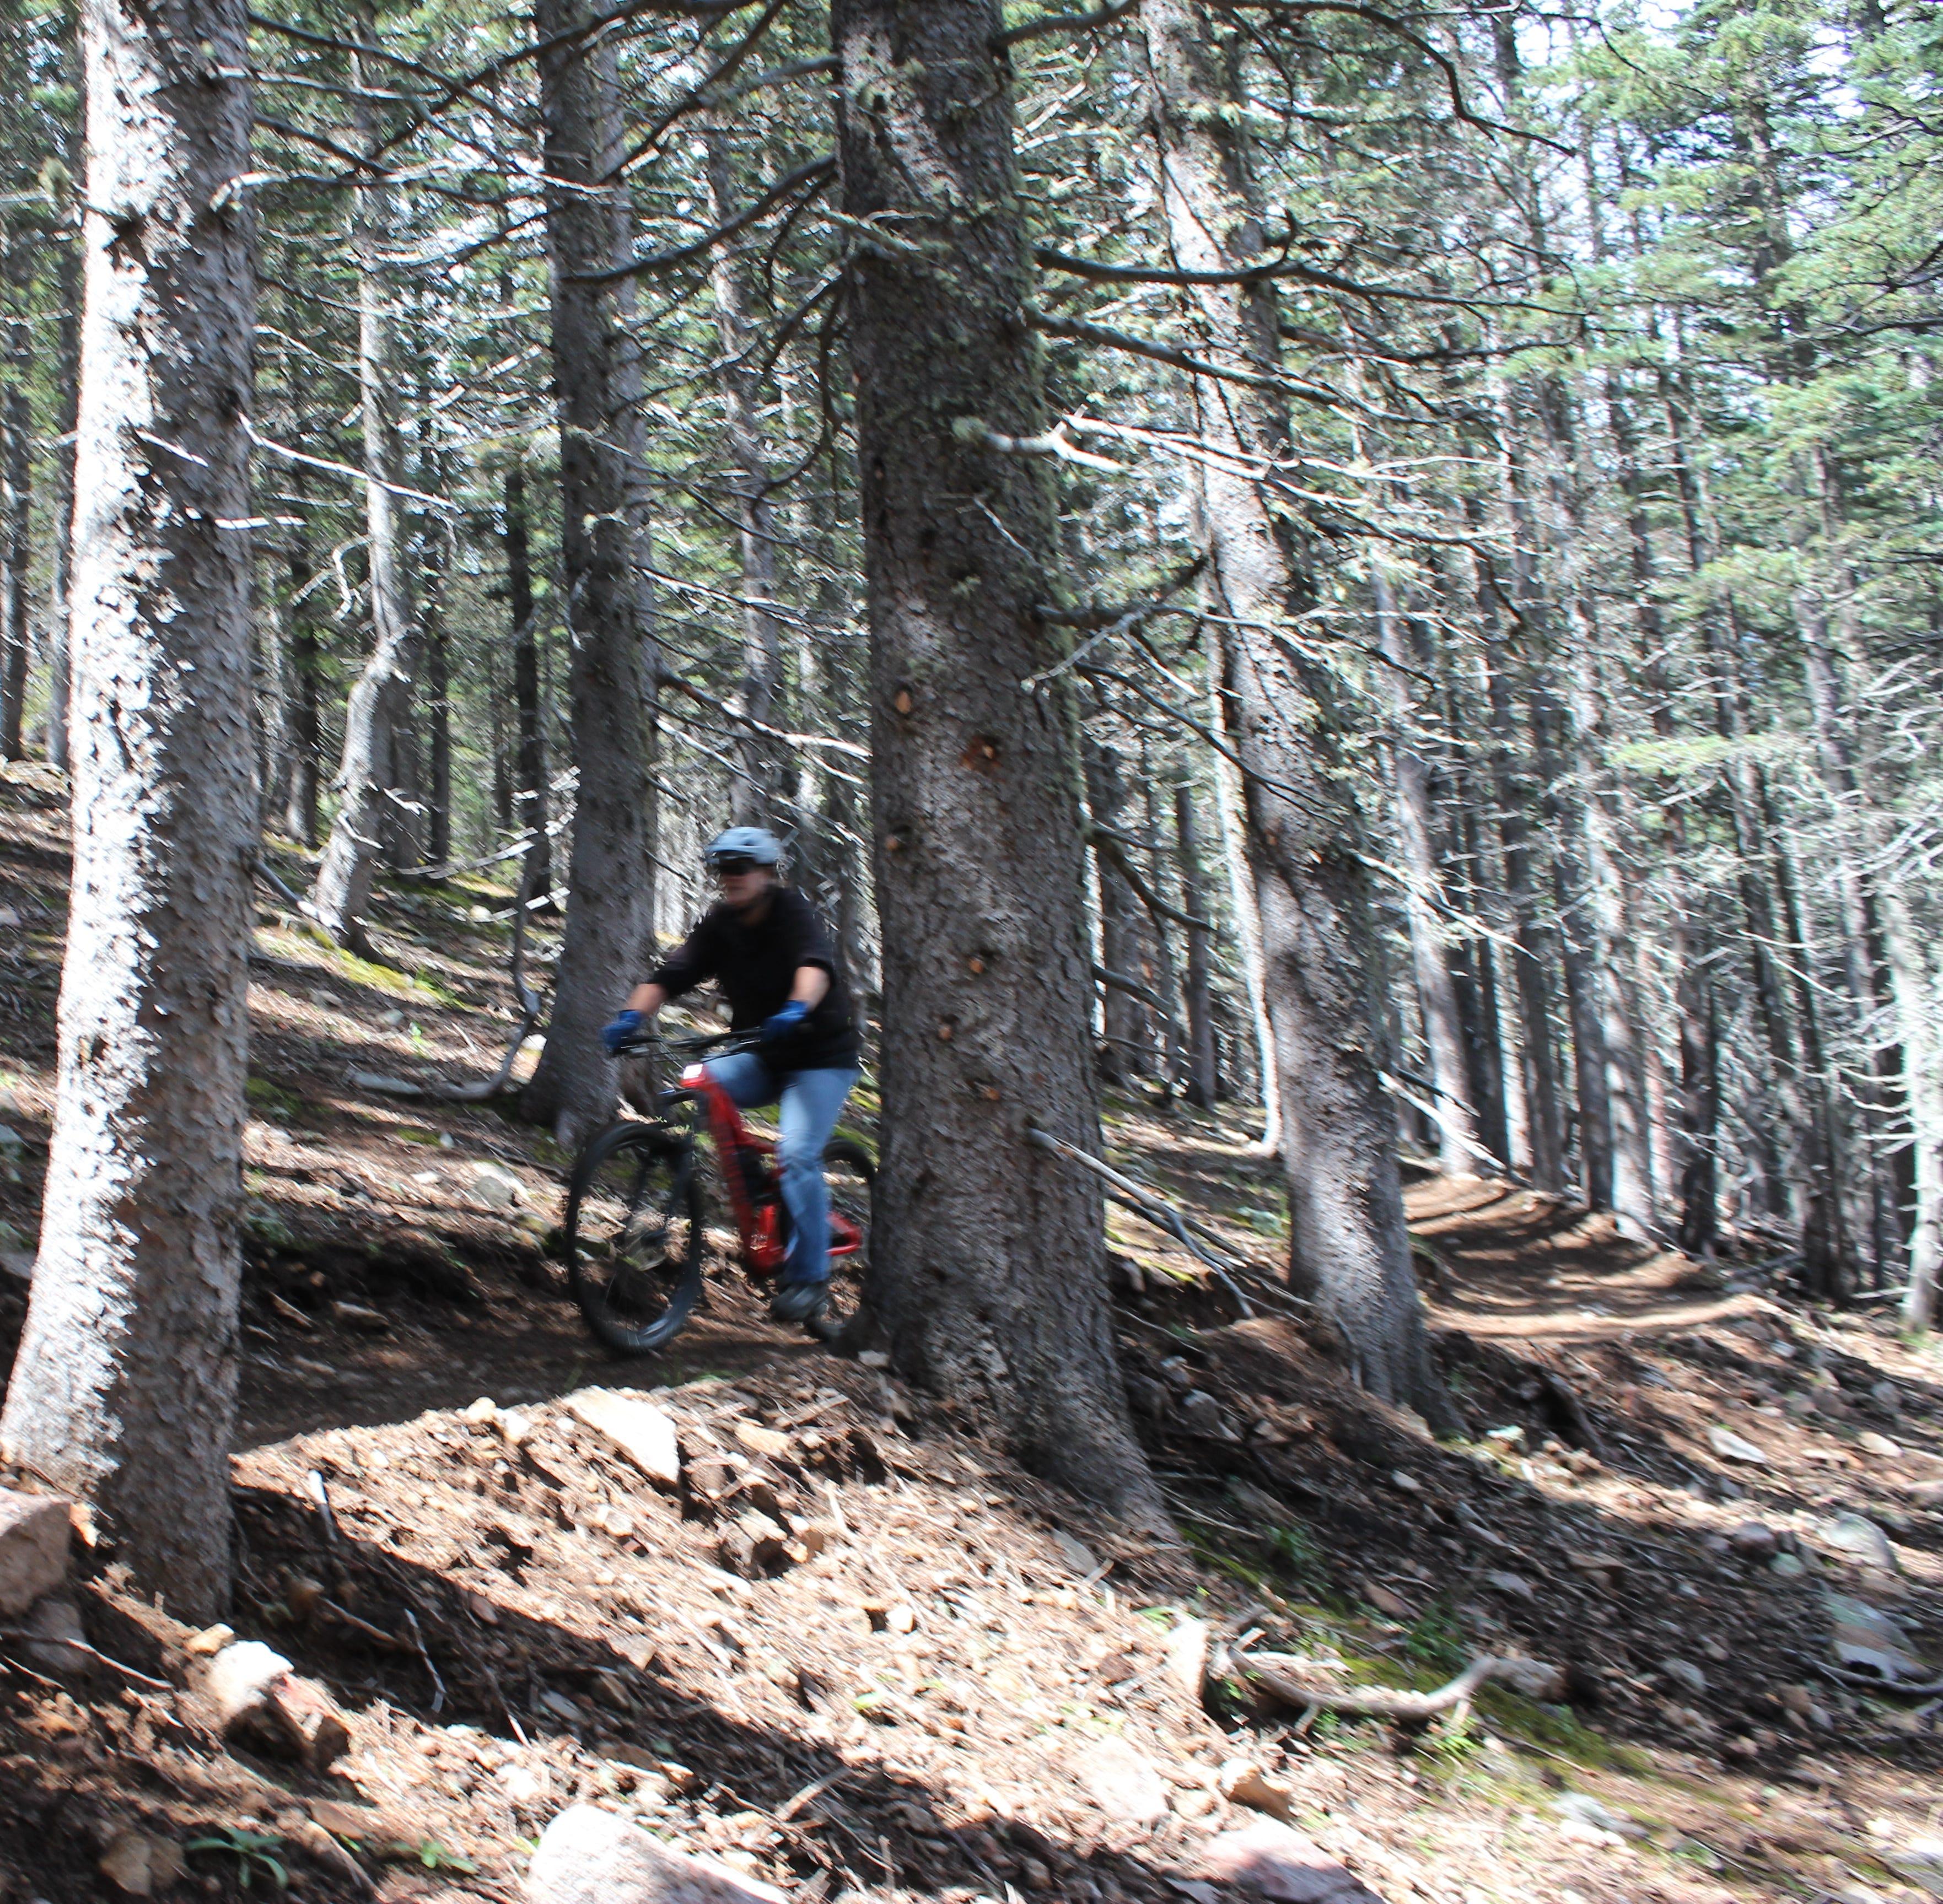 Enjoy the scenery on new mountain bike trail at Ski Apache in Ruidoso